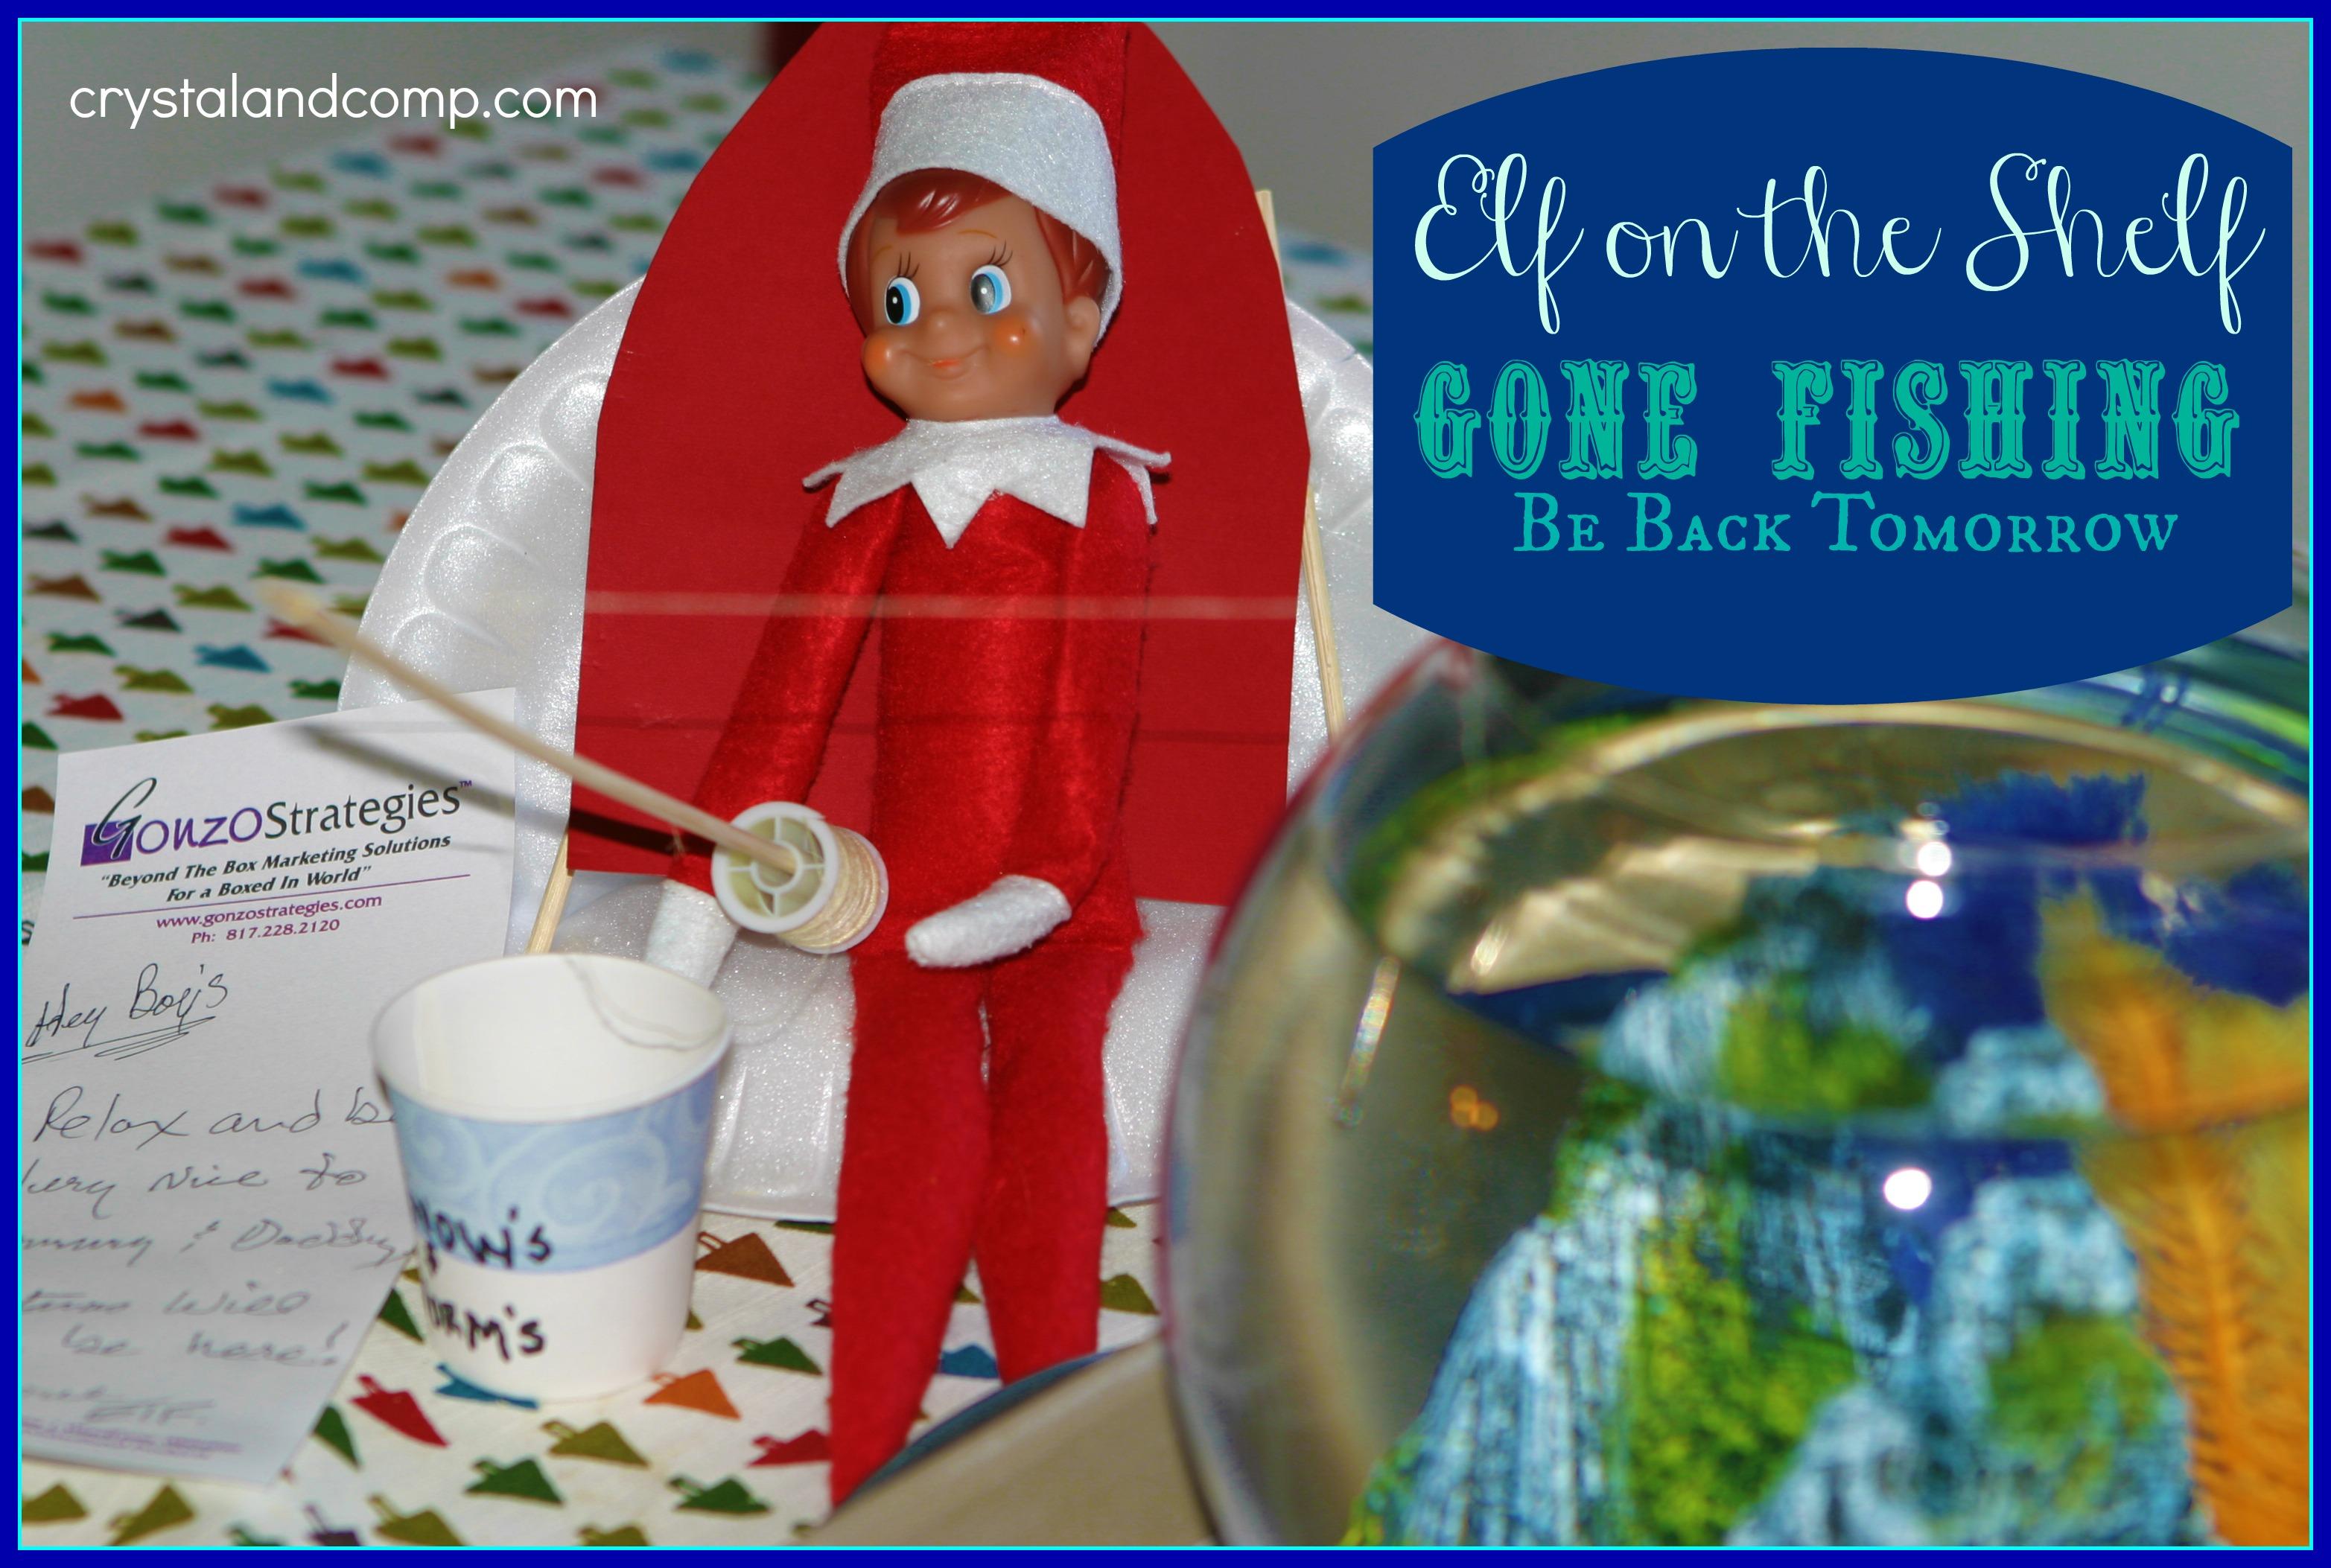 Elf on the Shelf: Gone Fishing (MacGyver Style) | CrystalandComp.com